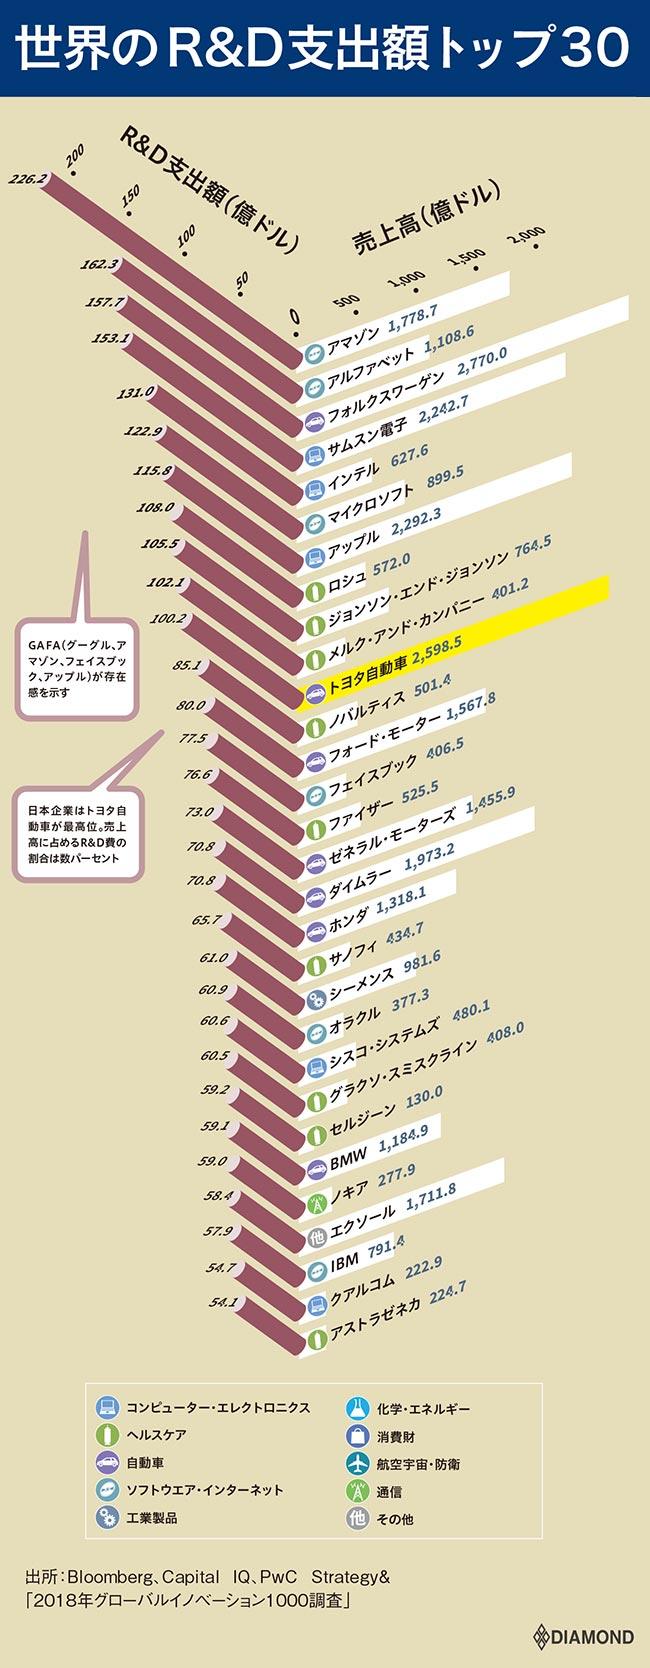 世界のR&D支出額トップ3